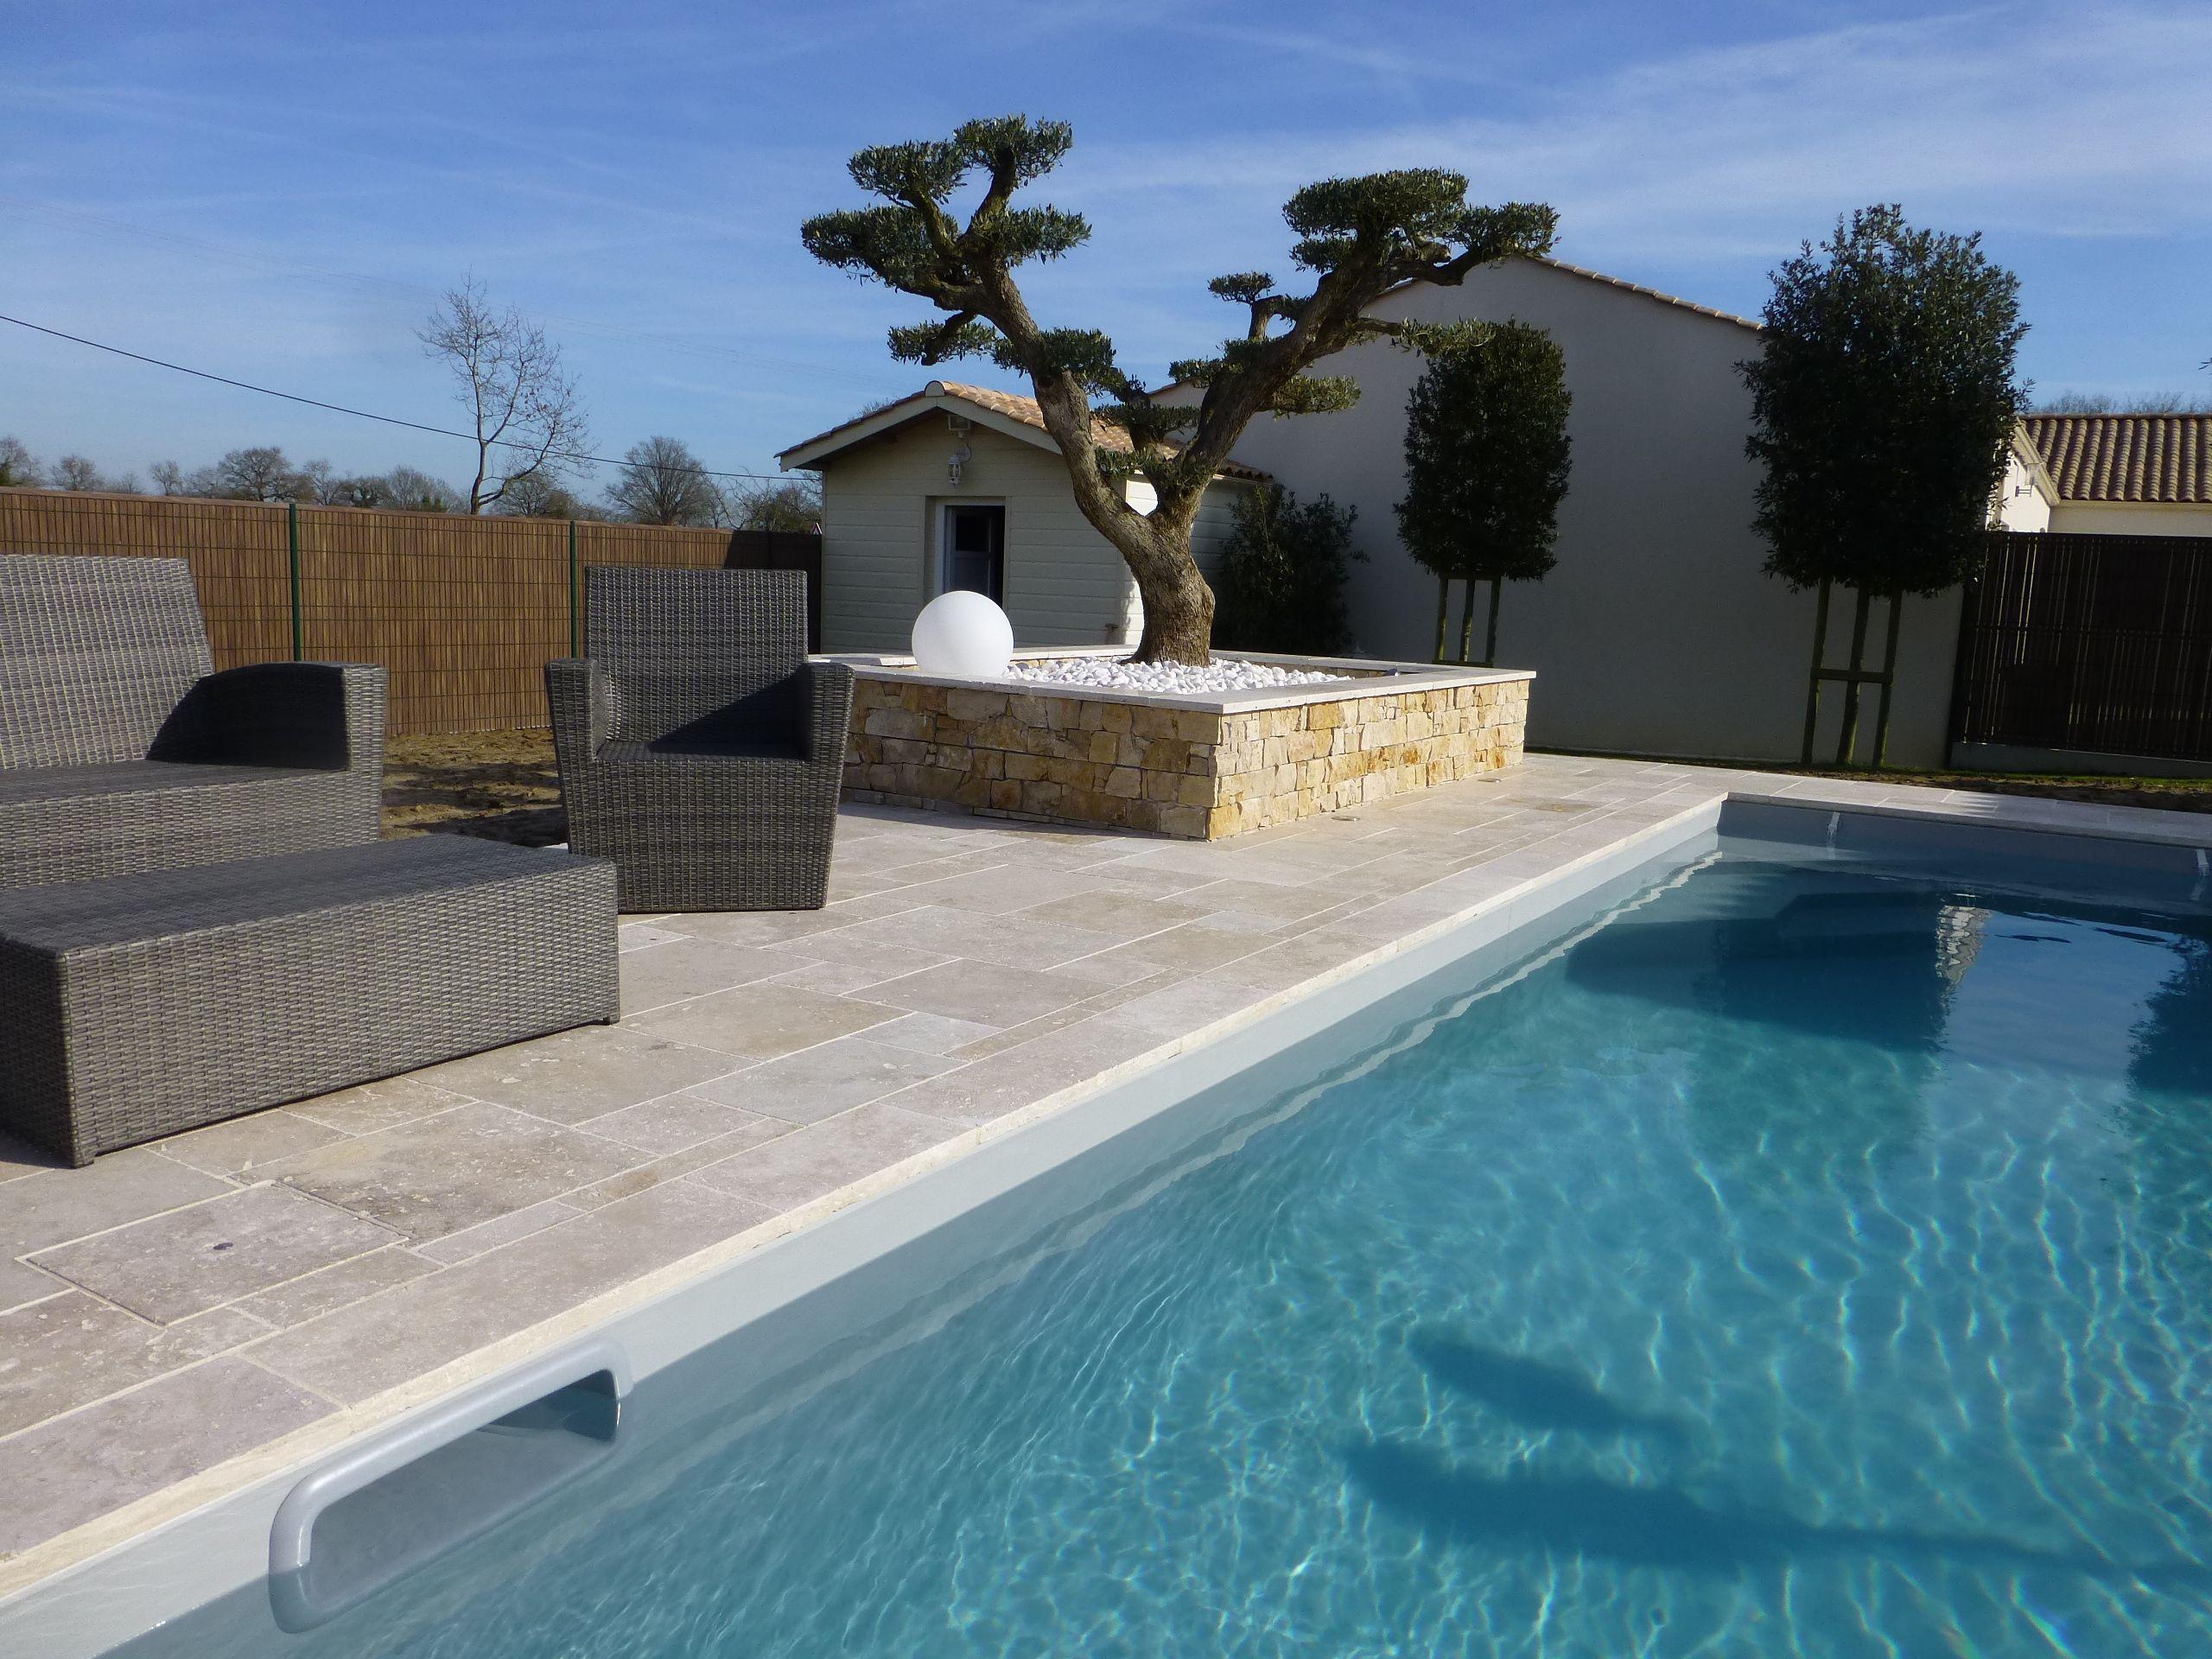 Aménagement de terrasse chic et minimaliste autour d\'une piscine ...